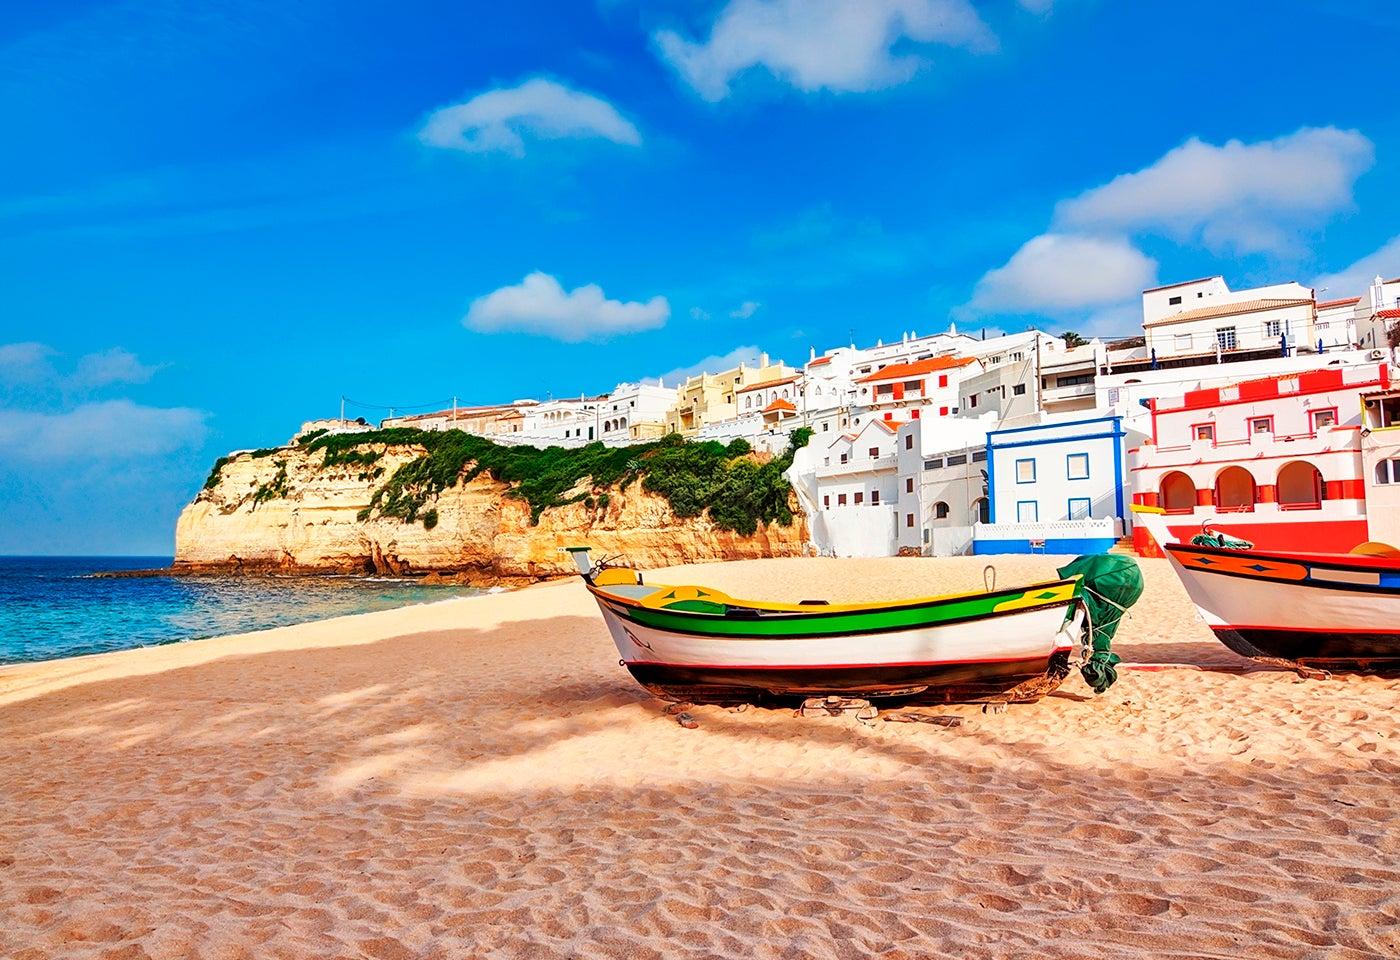 Mapa de Portugal, encuentra tu próximo destino